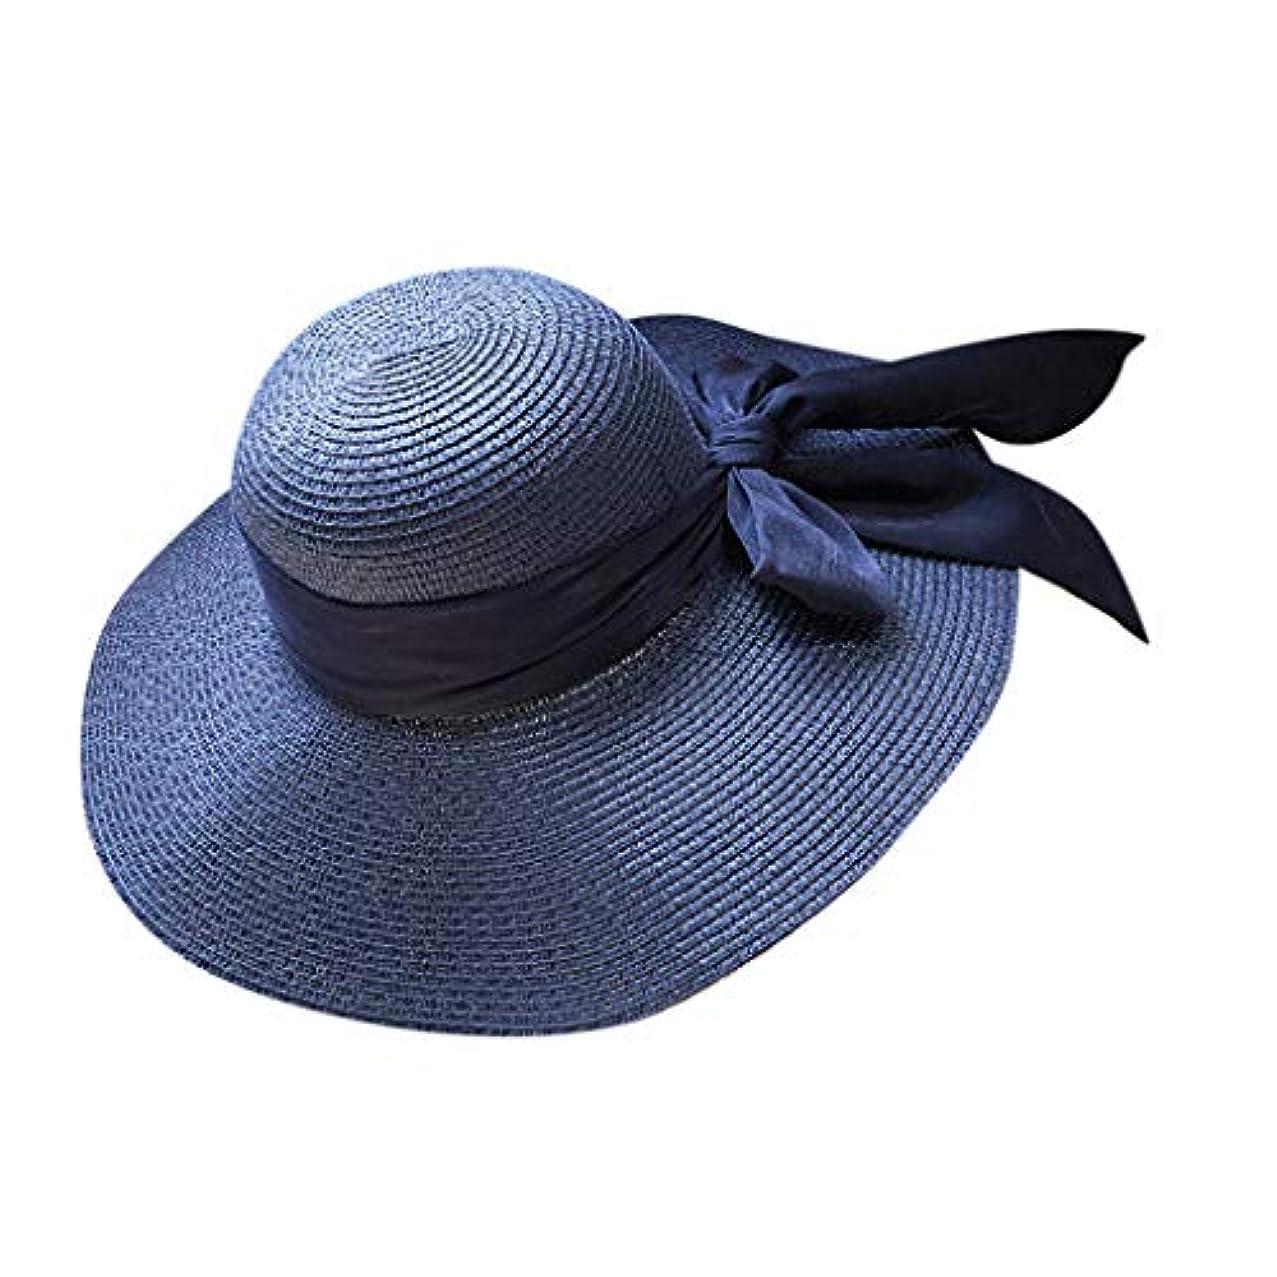 仮定ペインギリック私たち帽子 レディース UVカット 麦わら帽子 可愛い 小顔効果抜群 日よけ 折りたたみ つば広 帽子 サイズ調整 テープ ハット レディース 帽子 日よけ帽子 防晒帽 ビーチ 旅行用 日よけ 日射し 海 夏季 ROSE ROMAN